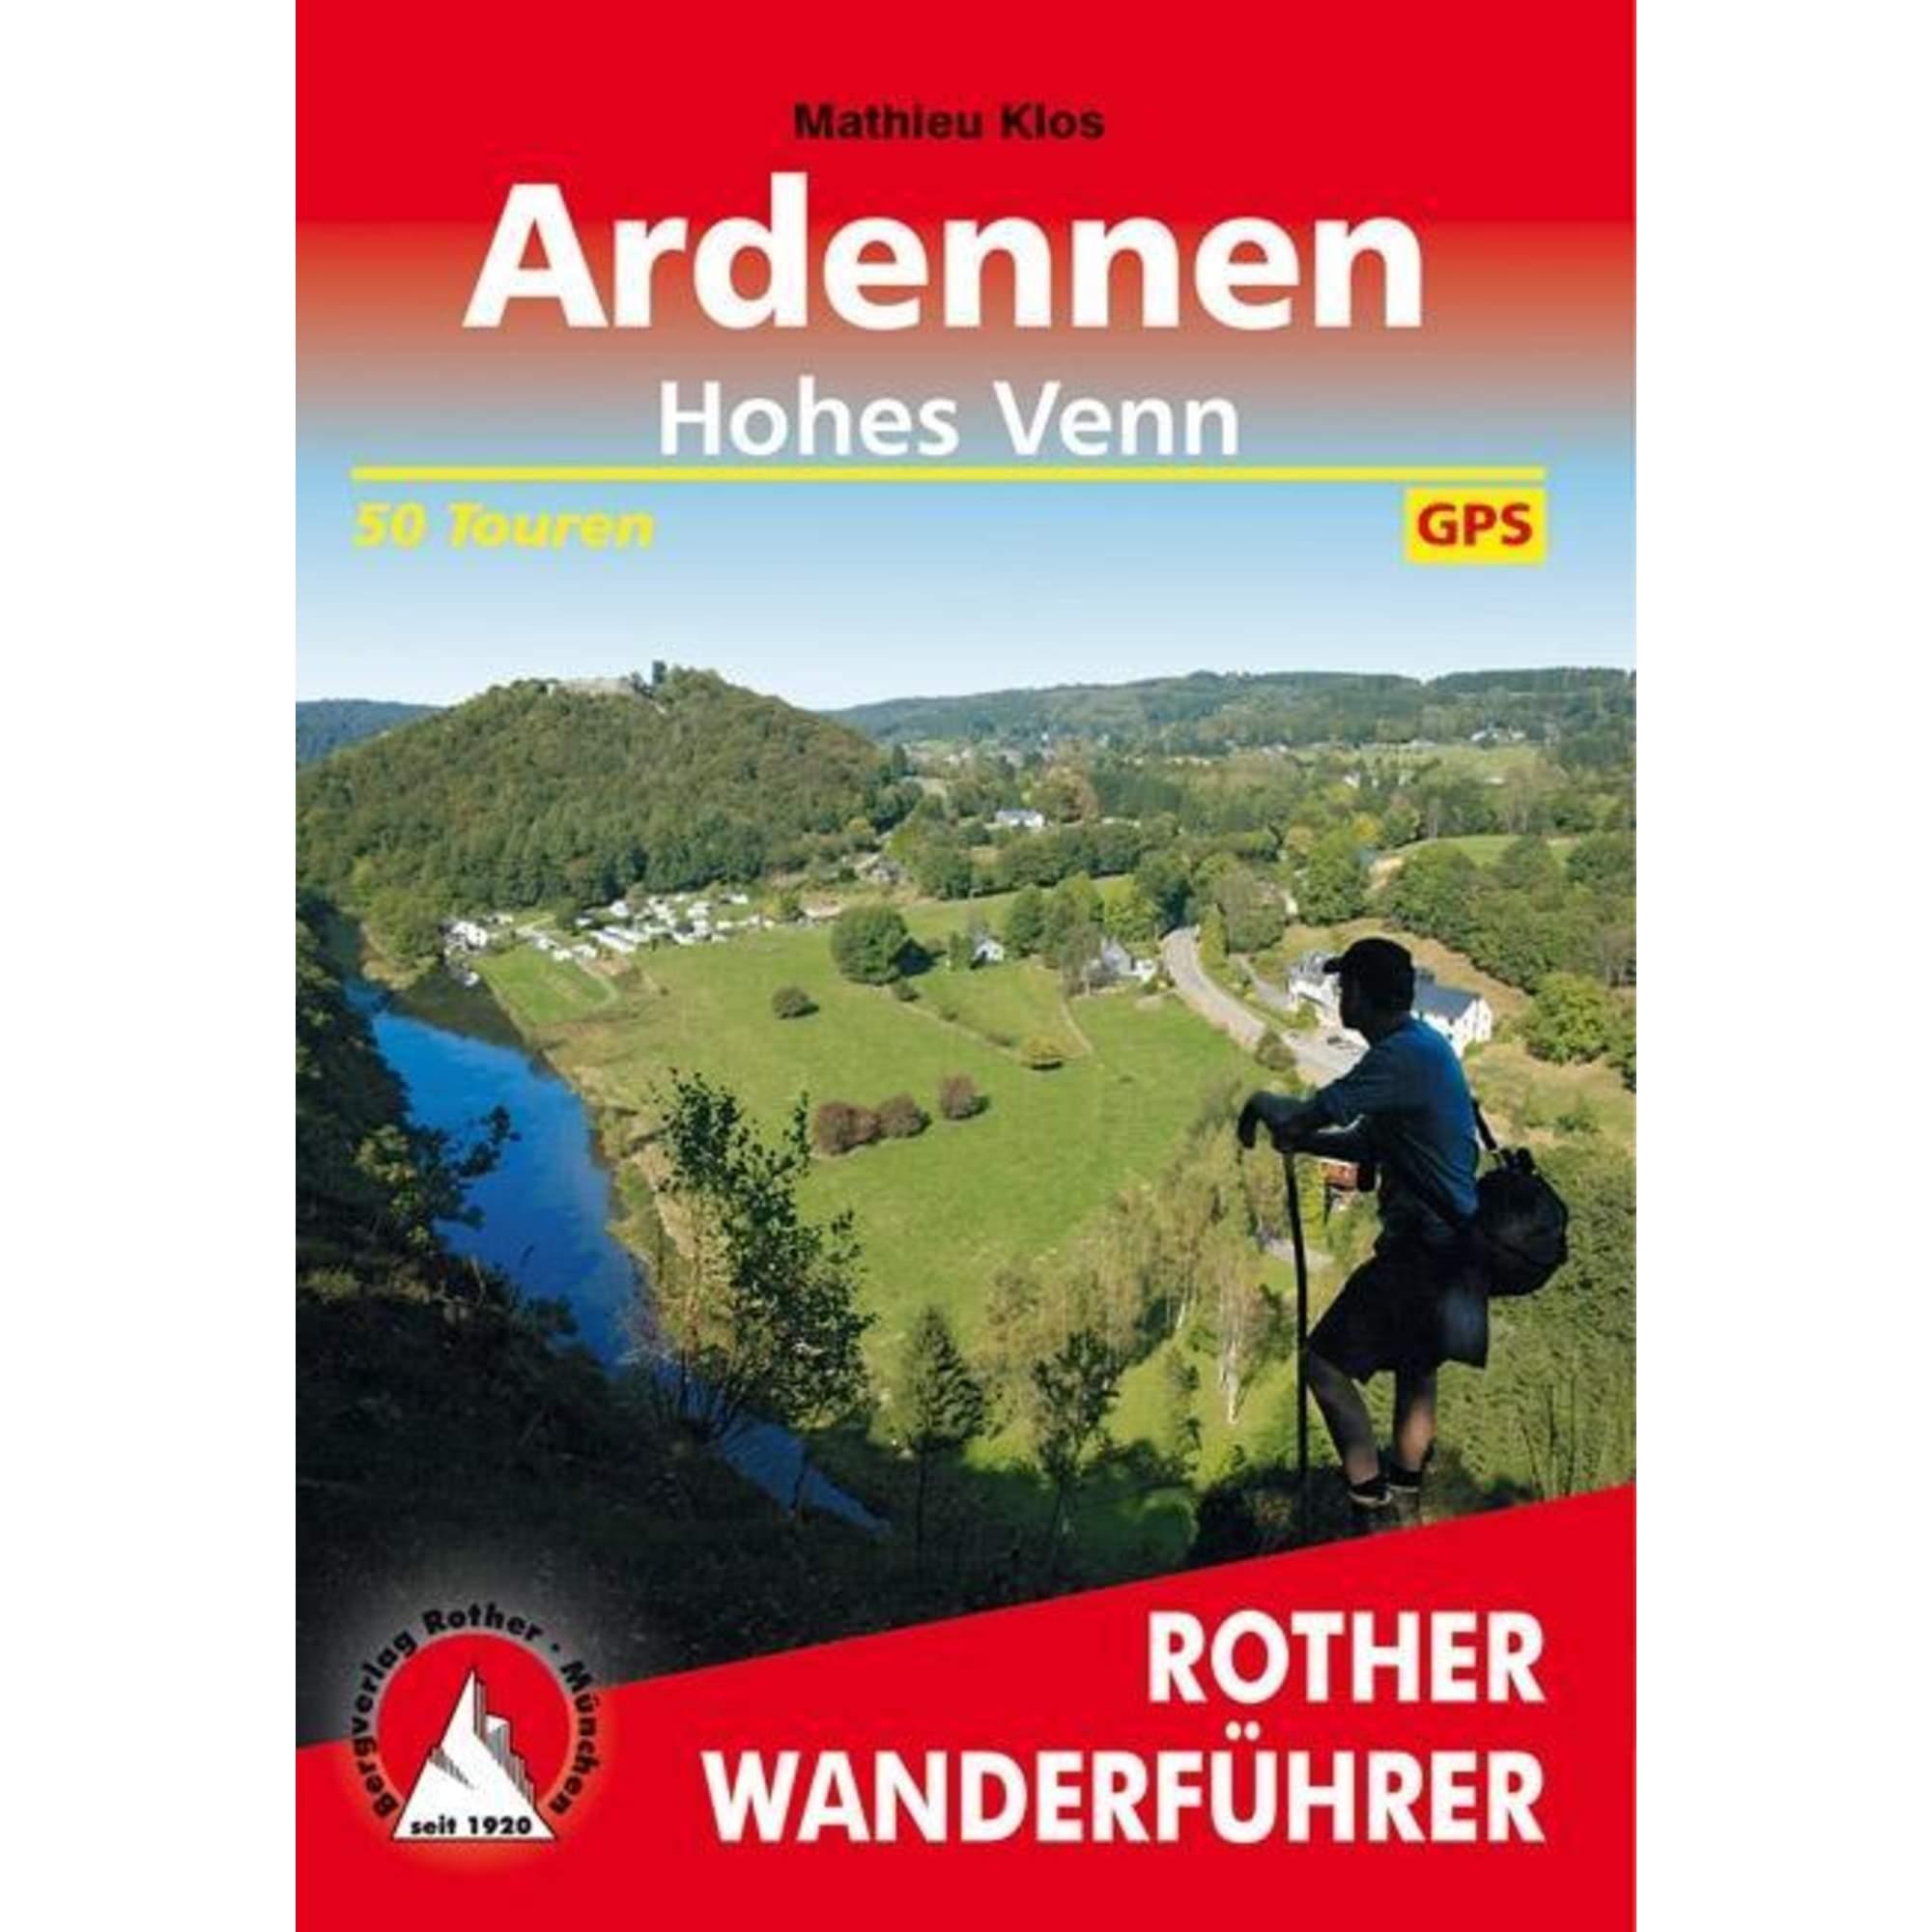 Ardennen - Hohes Venn, 14,90 Euro